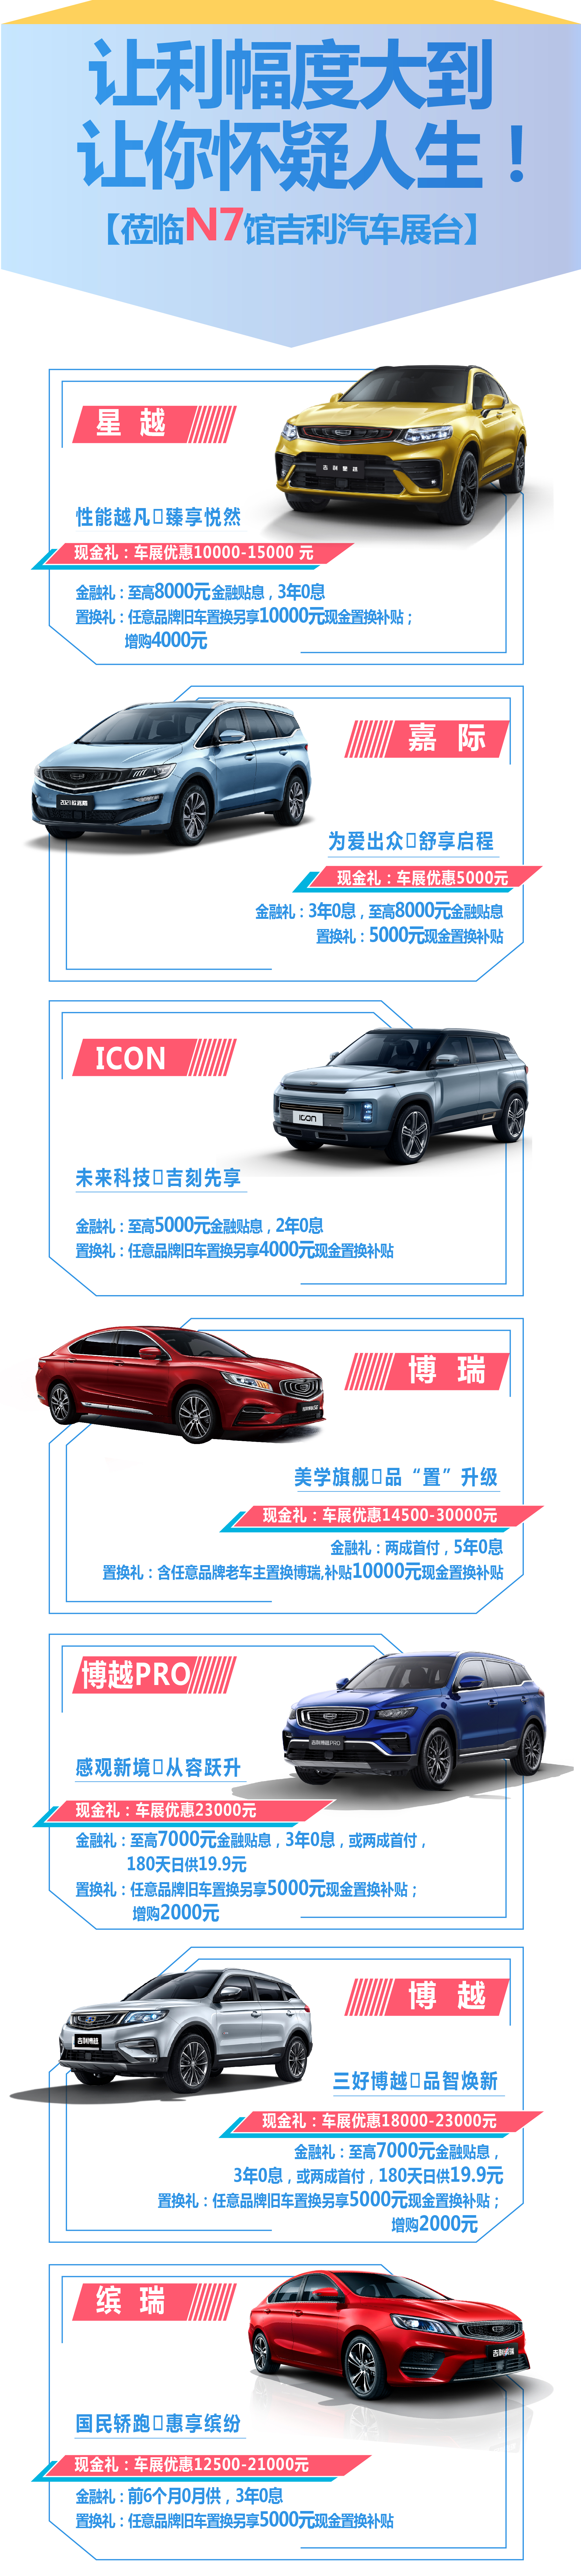 谁在狂撒一个亿?重庆国际车展N7馆吉利展台告诉您